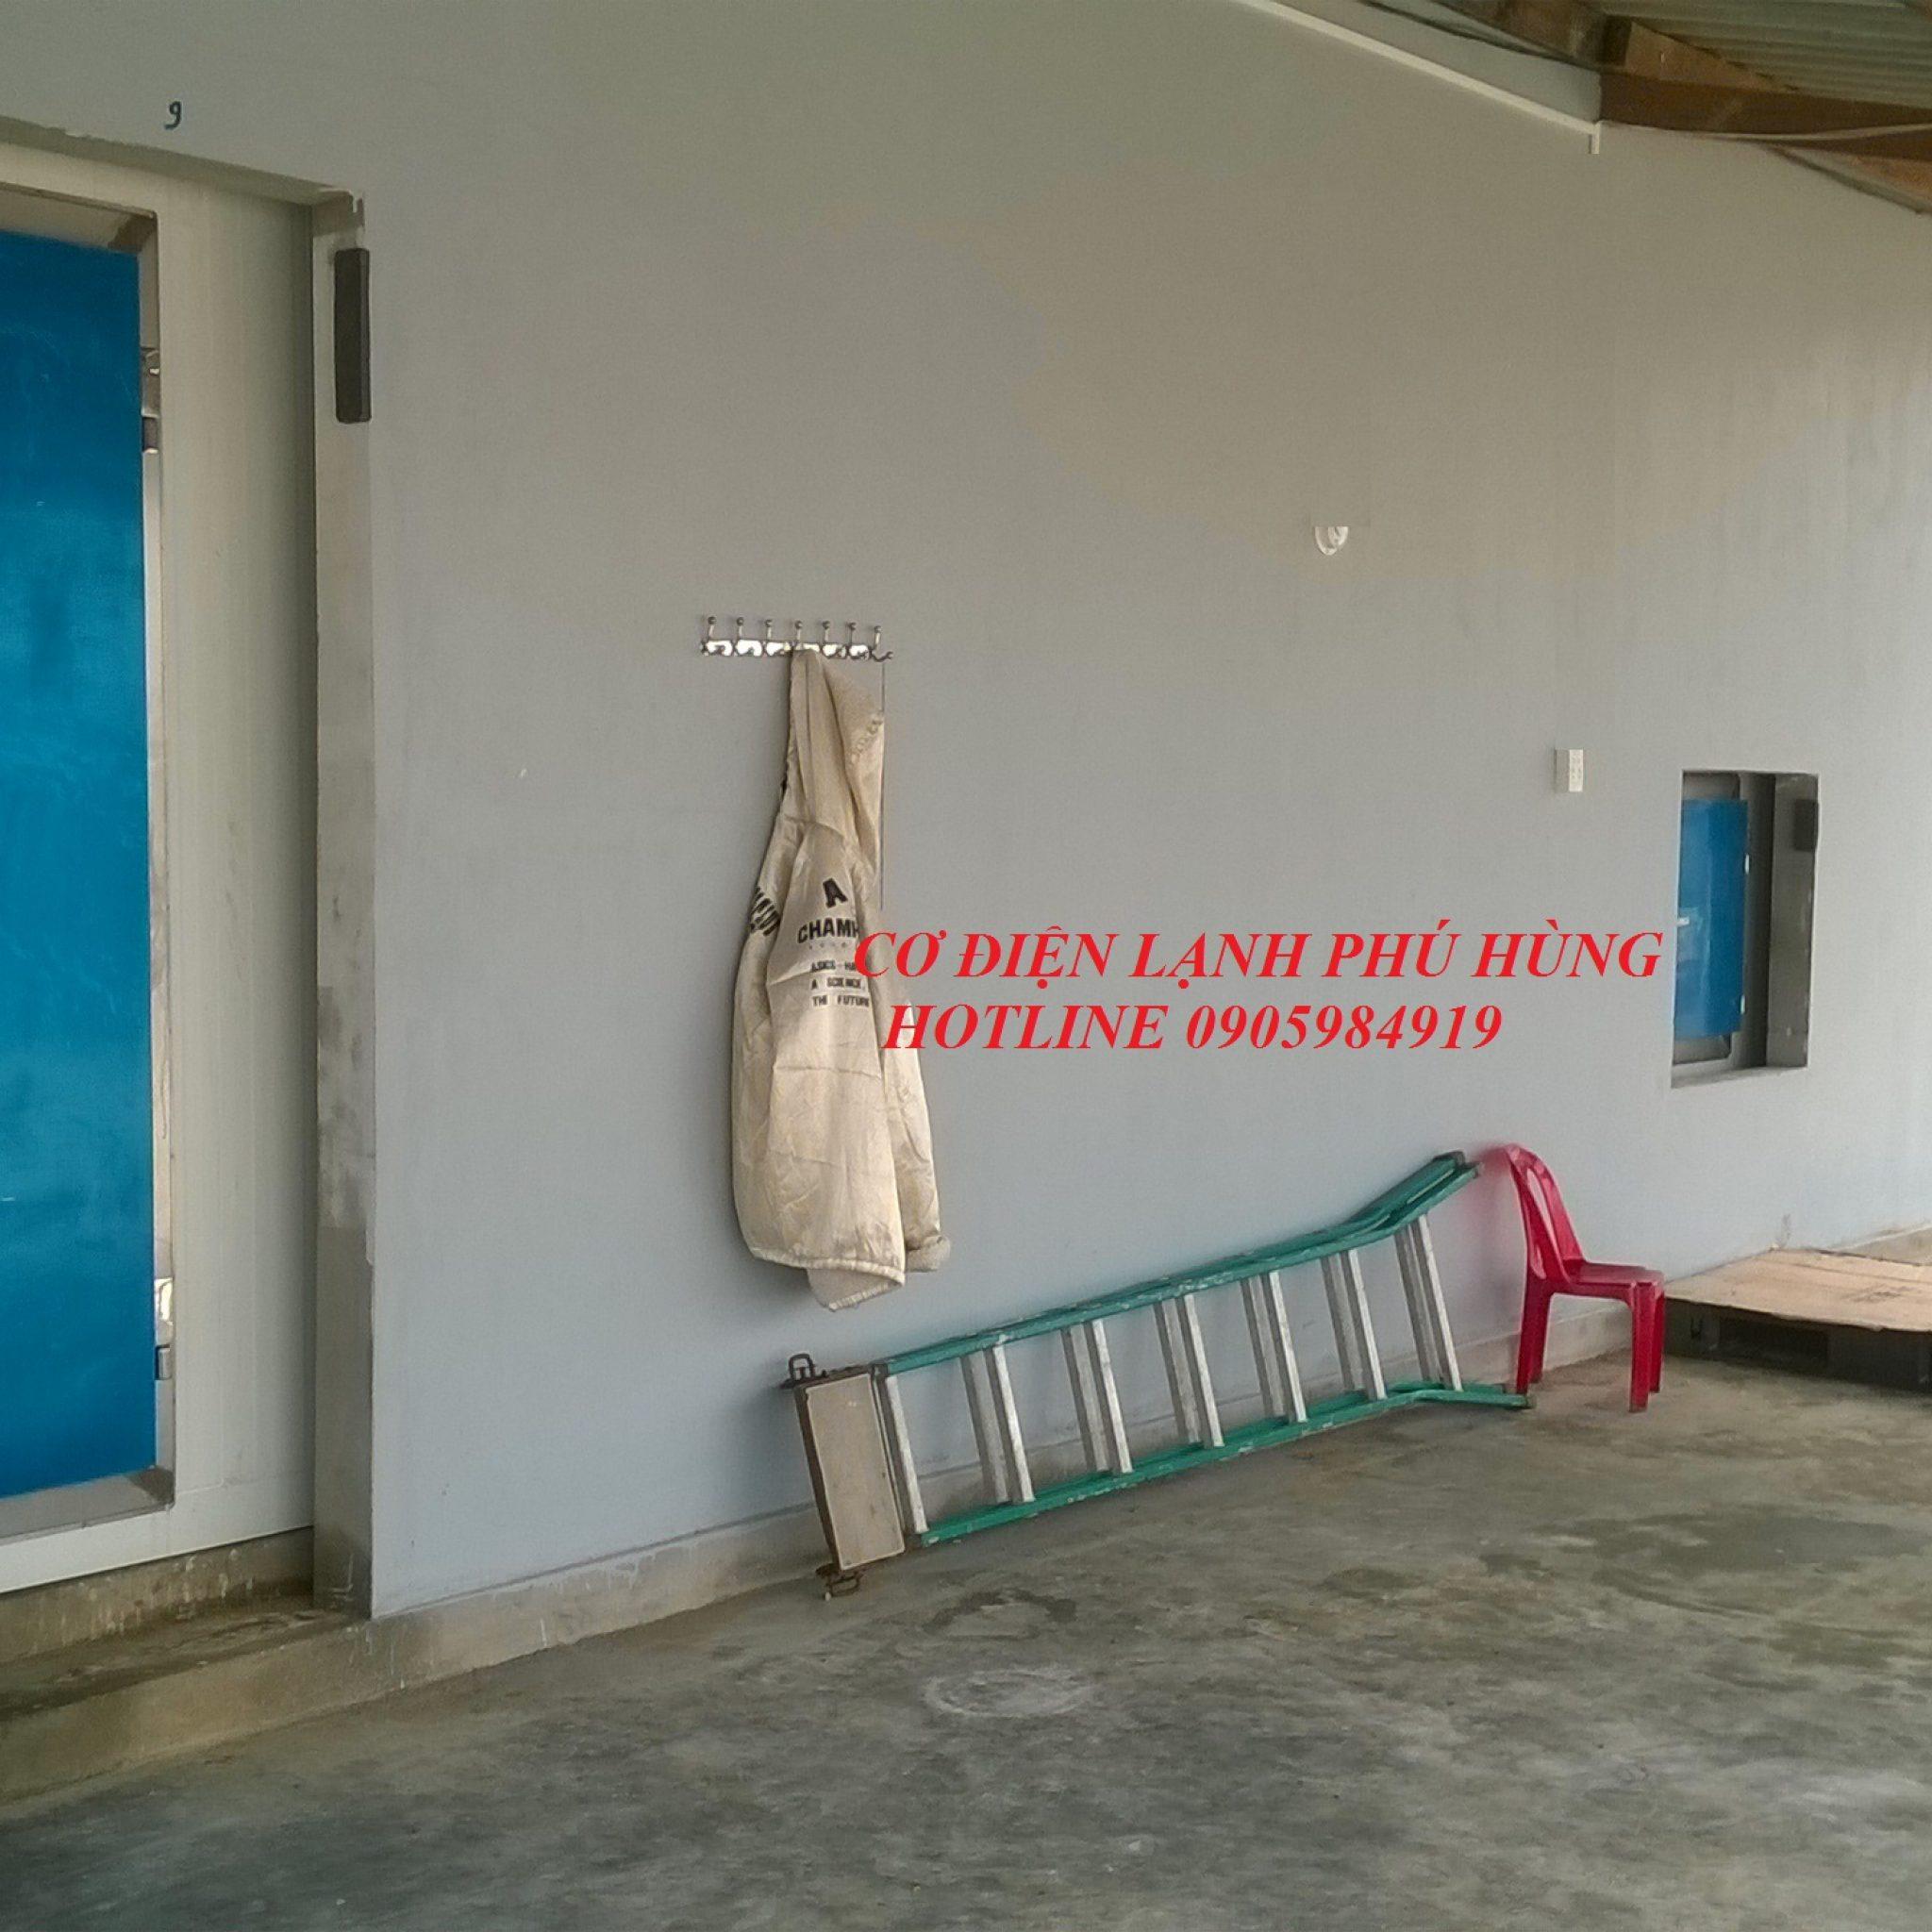 9 - Lắp đặt kho lạnh tại cảng cá Sa Huỳnh Quảng Ngãi